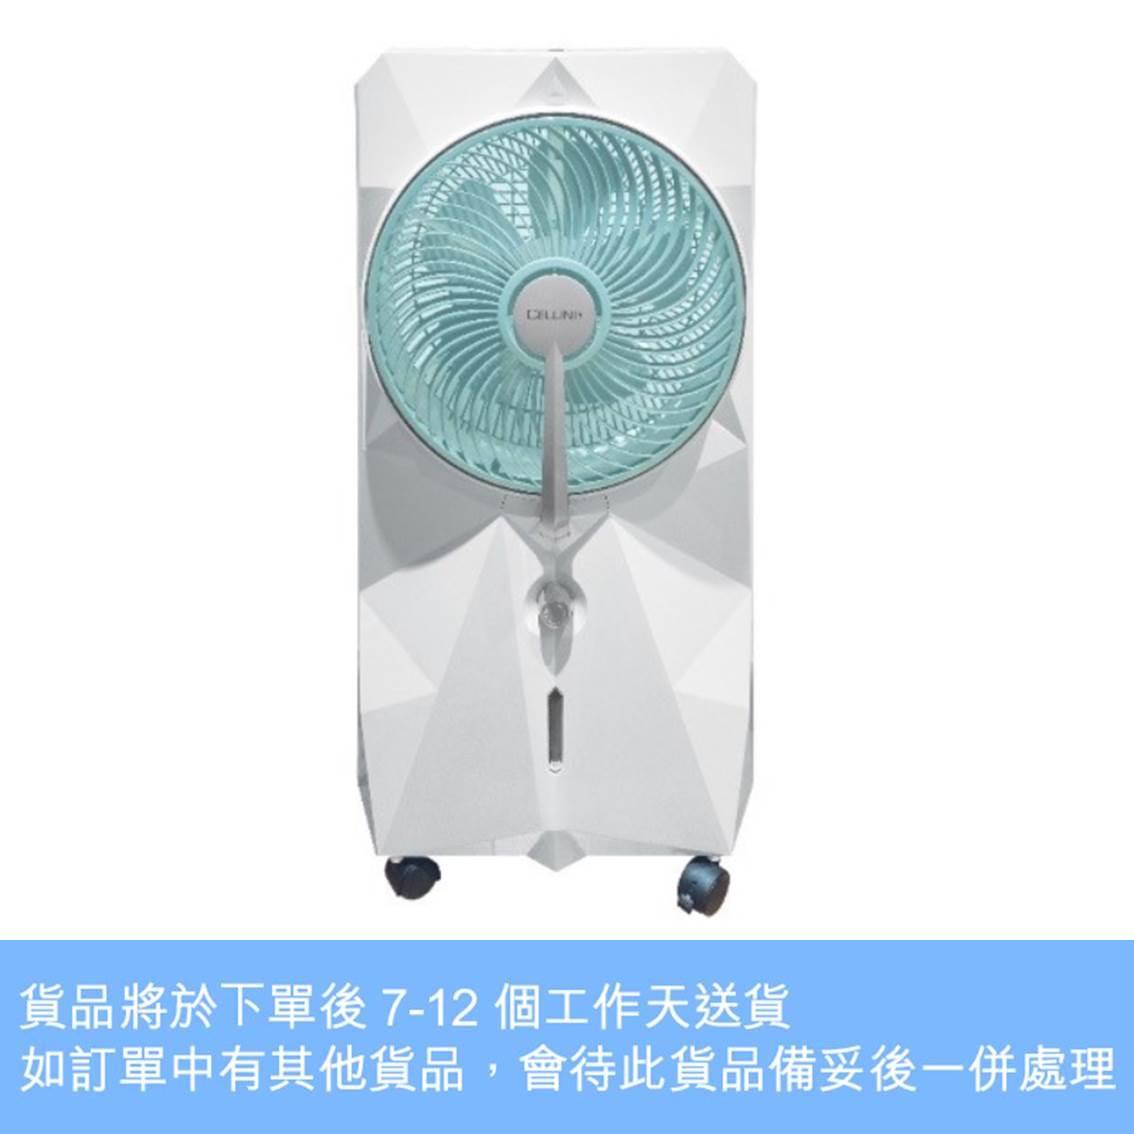 徹里尼負離子空氣淨化功能噴霧風扇(附遙控) -型號 :CMF75